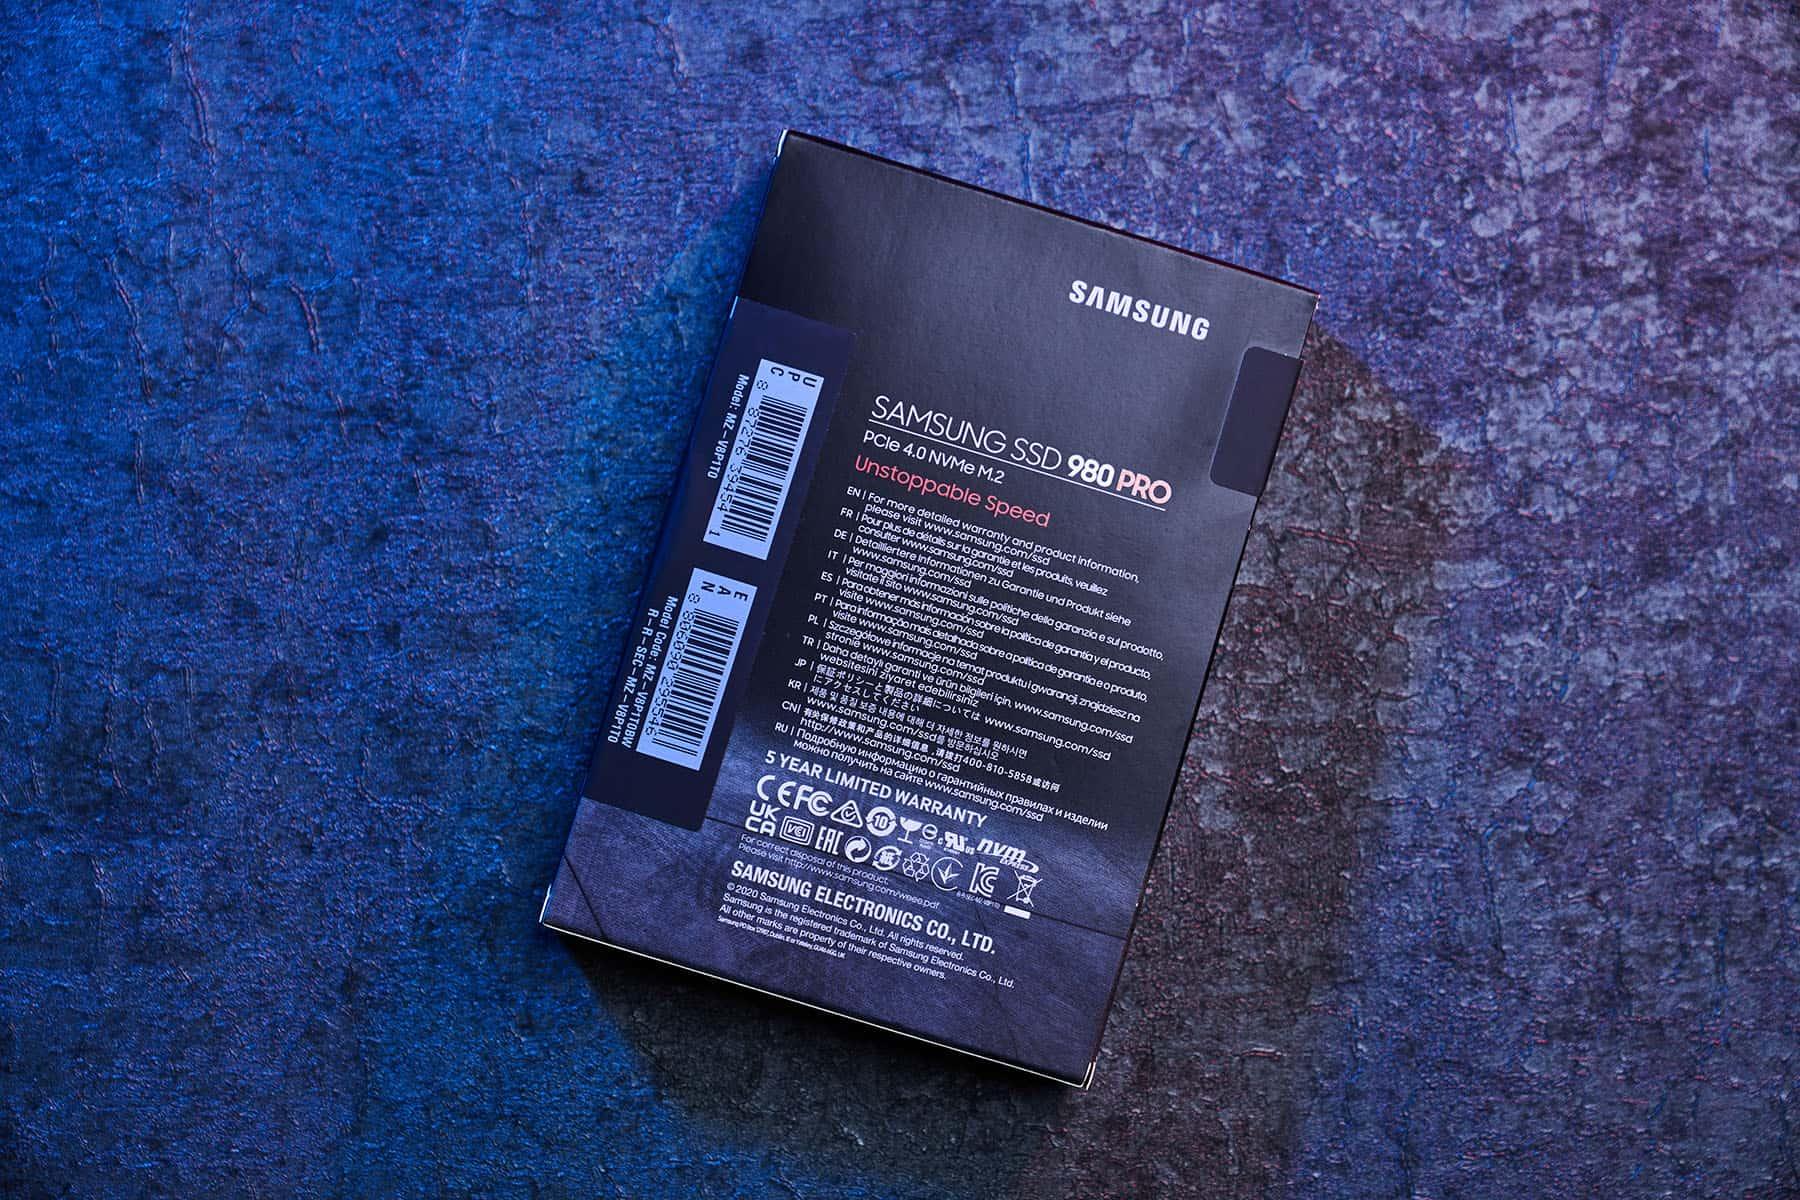 外盒背面則以多國語言標示產品保固資訊聲明。